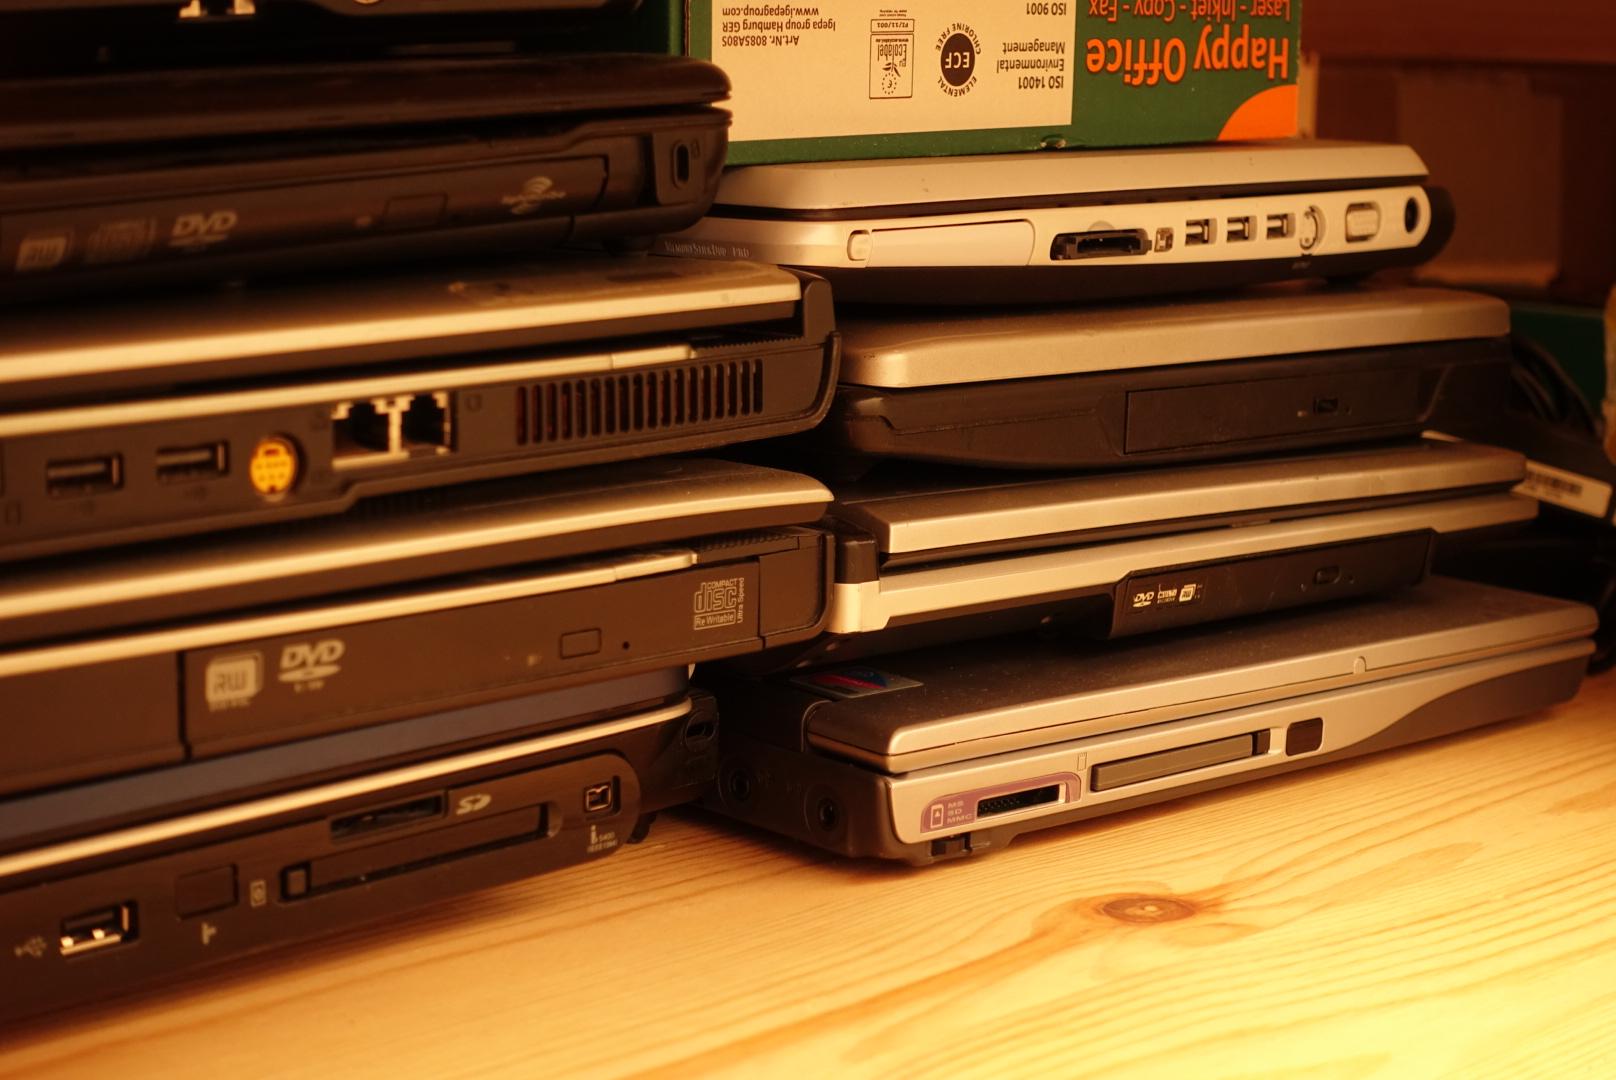 Sammlung von alten Laptops